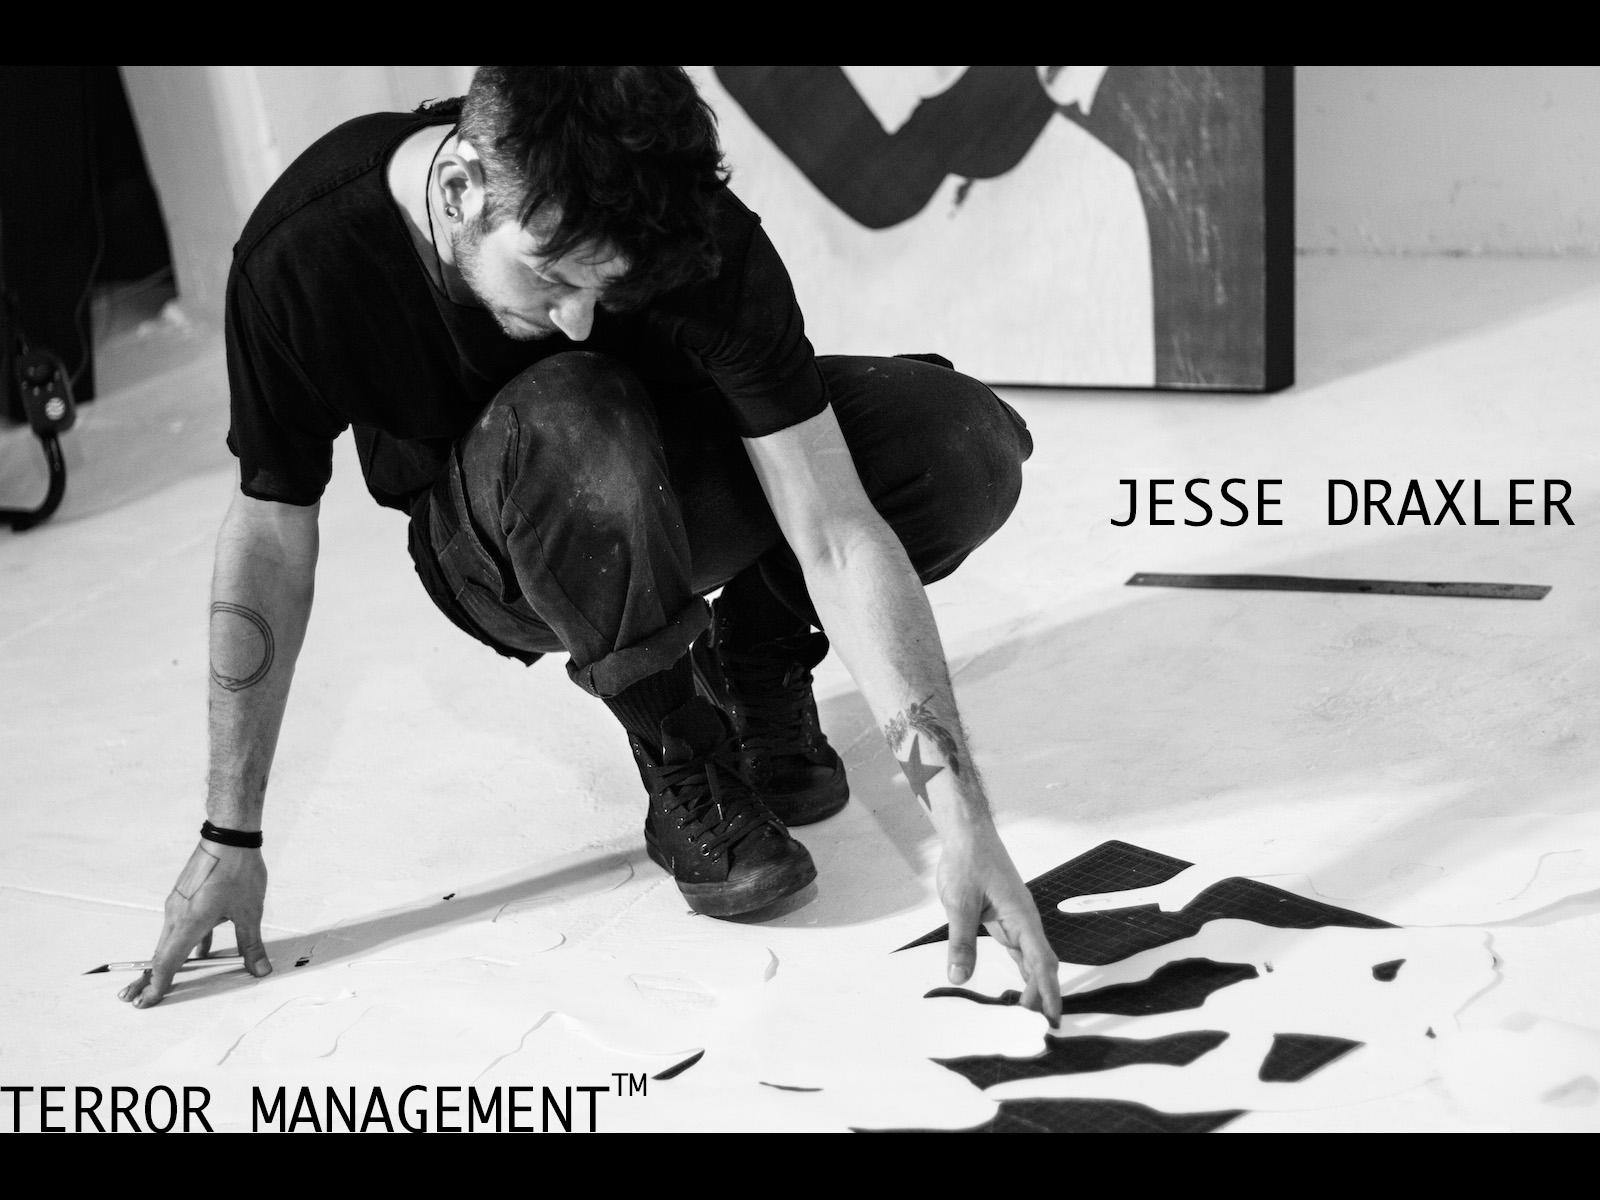 JESSE DRAXLER – TERROR MANAGEMENT